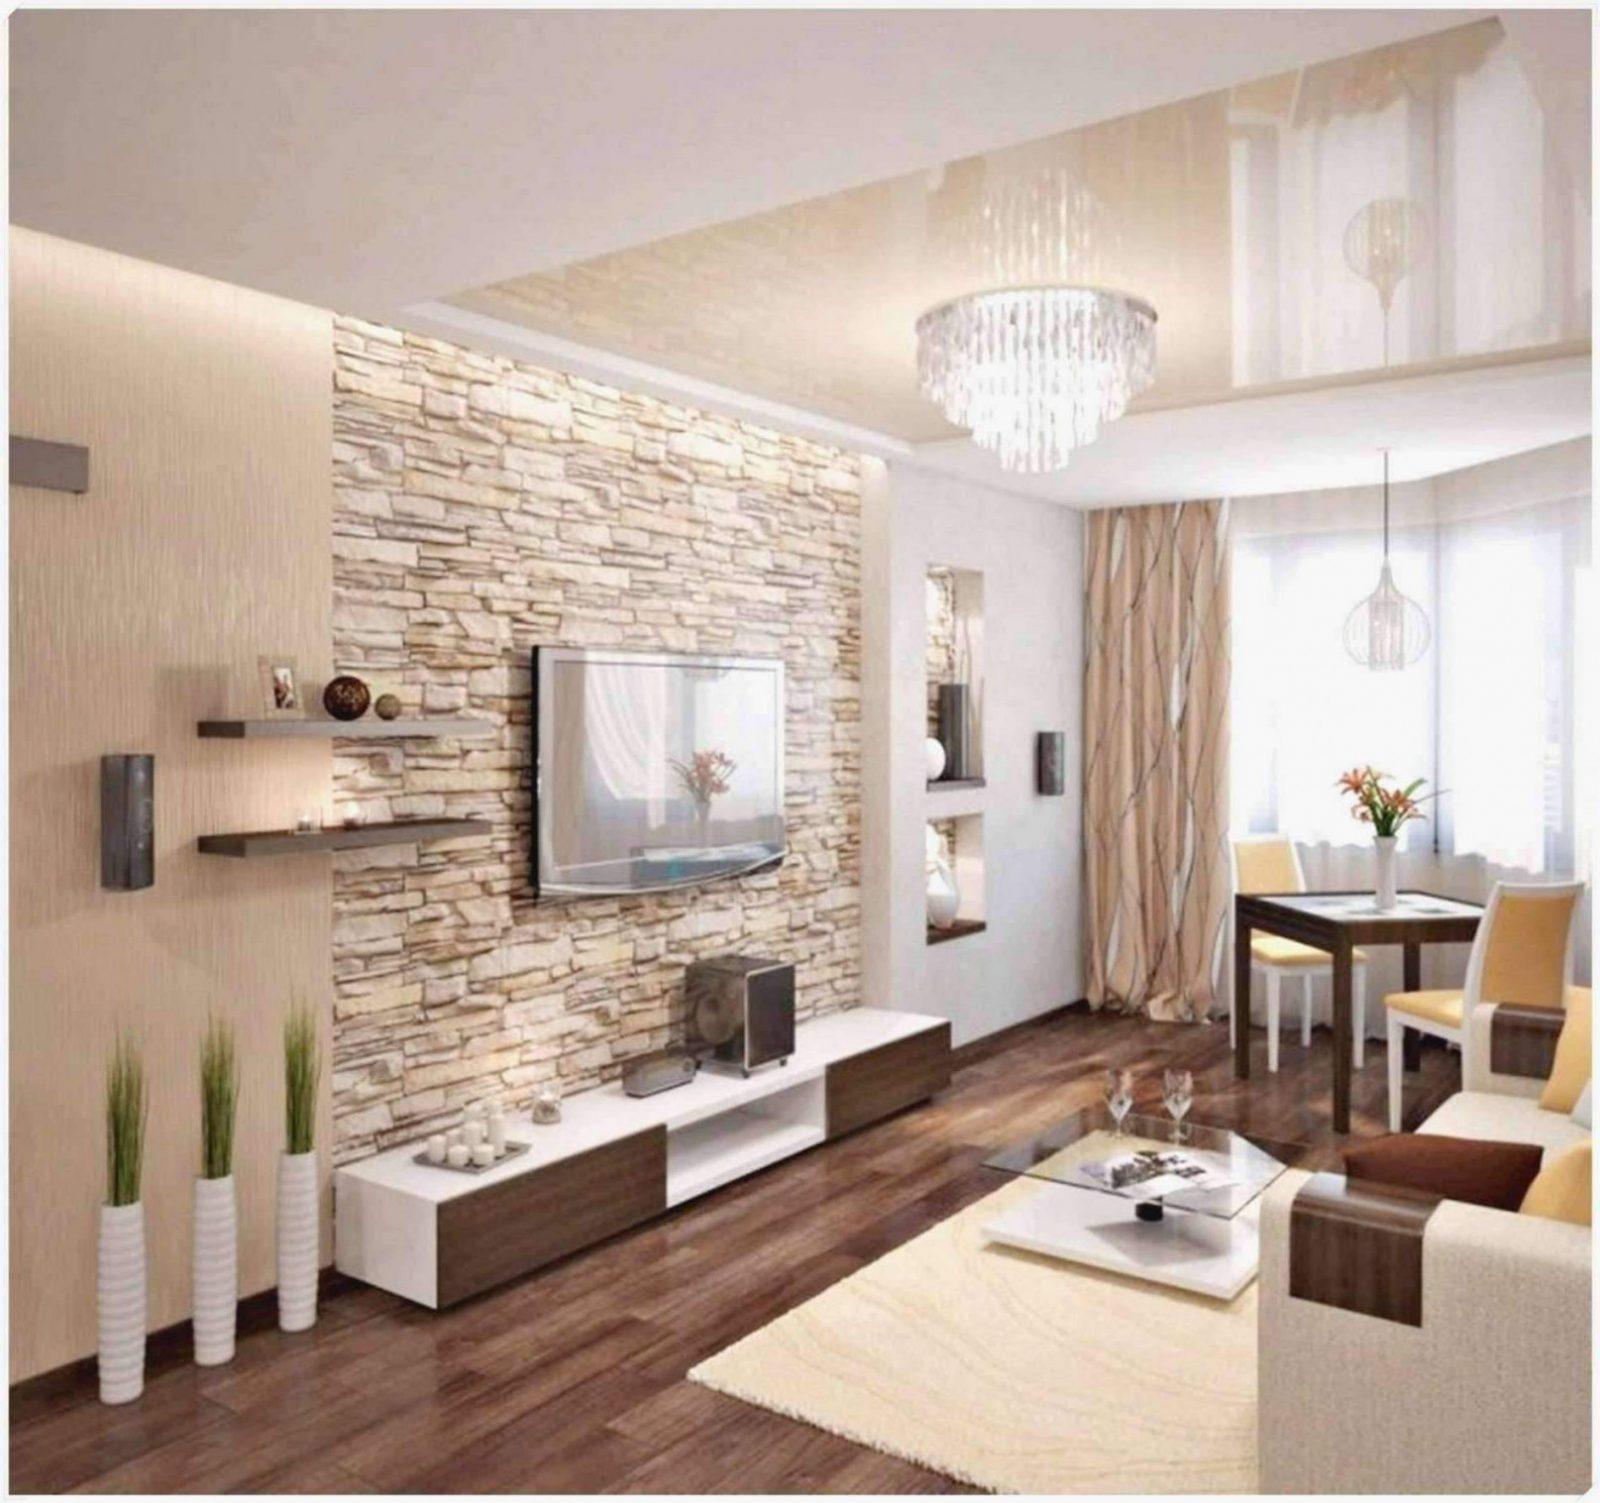 Deko Wand Wohnzimmer Frisch Luxury Dekoration Wohnzimmer von Dekoration Für Wohnzimmer Bild